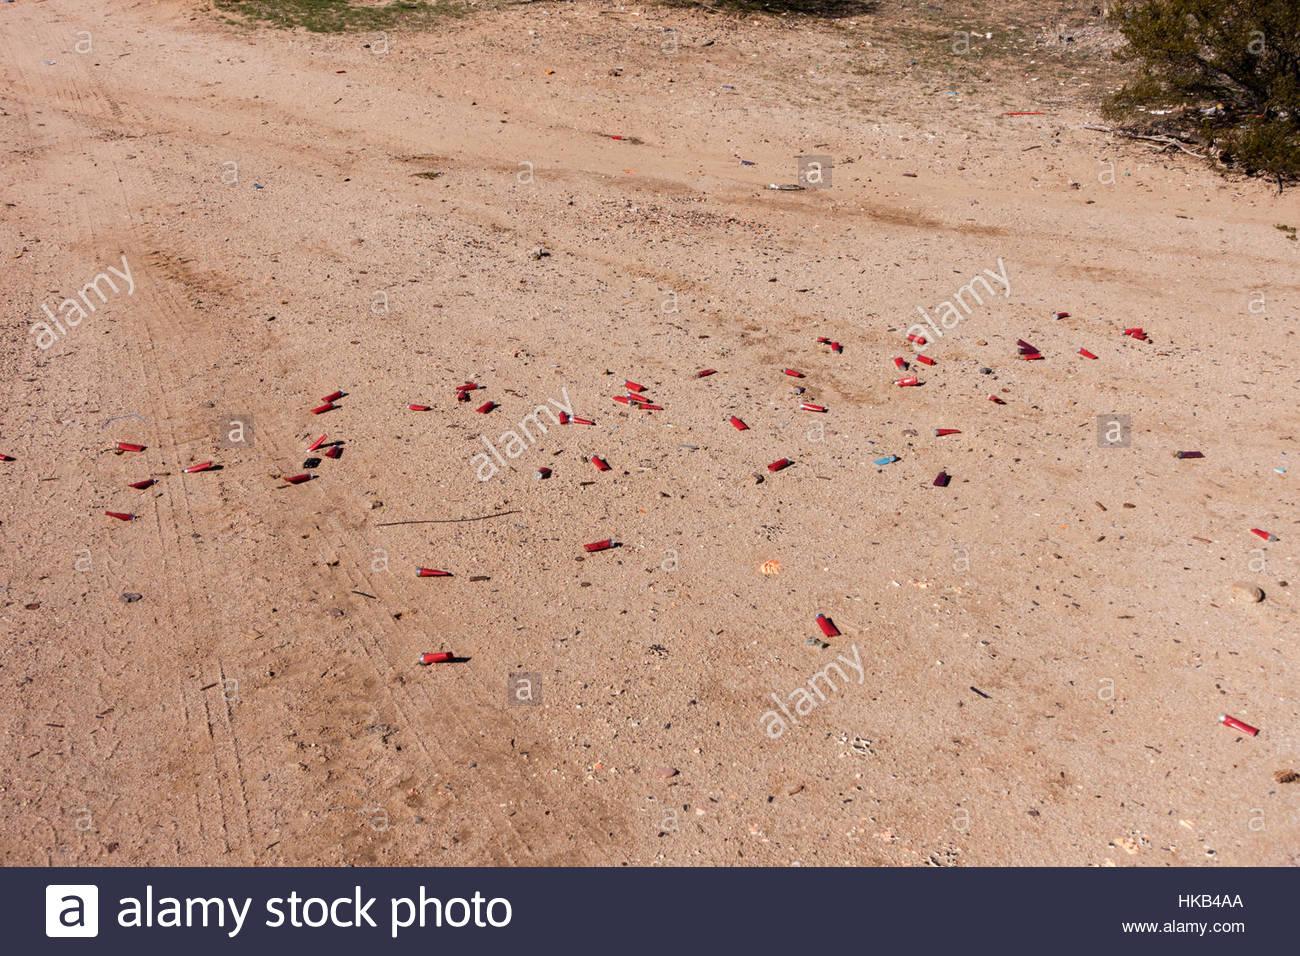 Fired shotgun shells littering desert Arizona - Stock Image